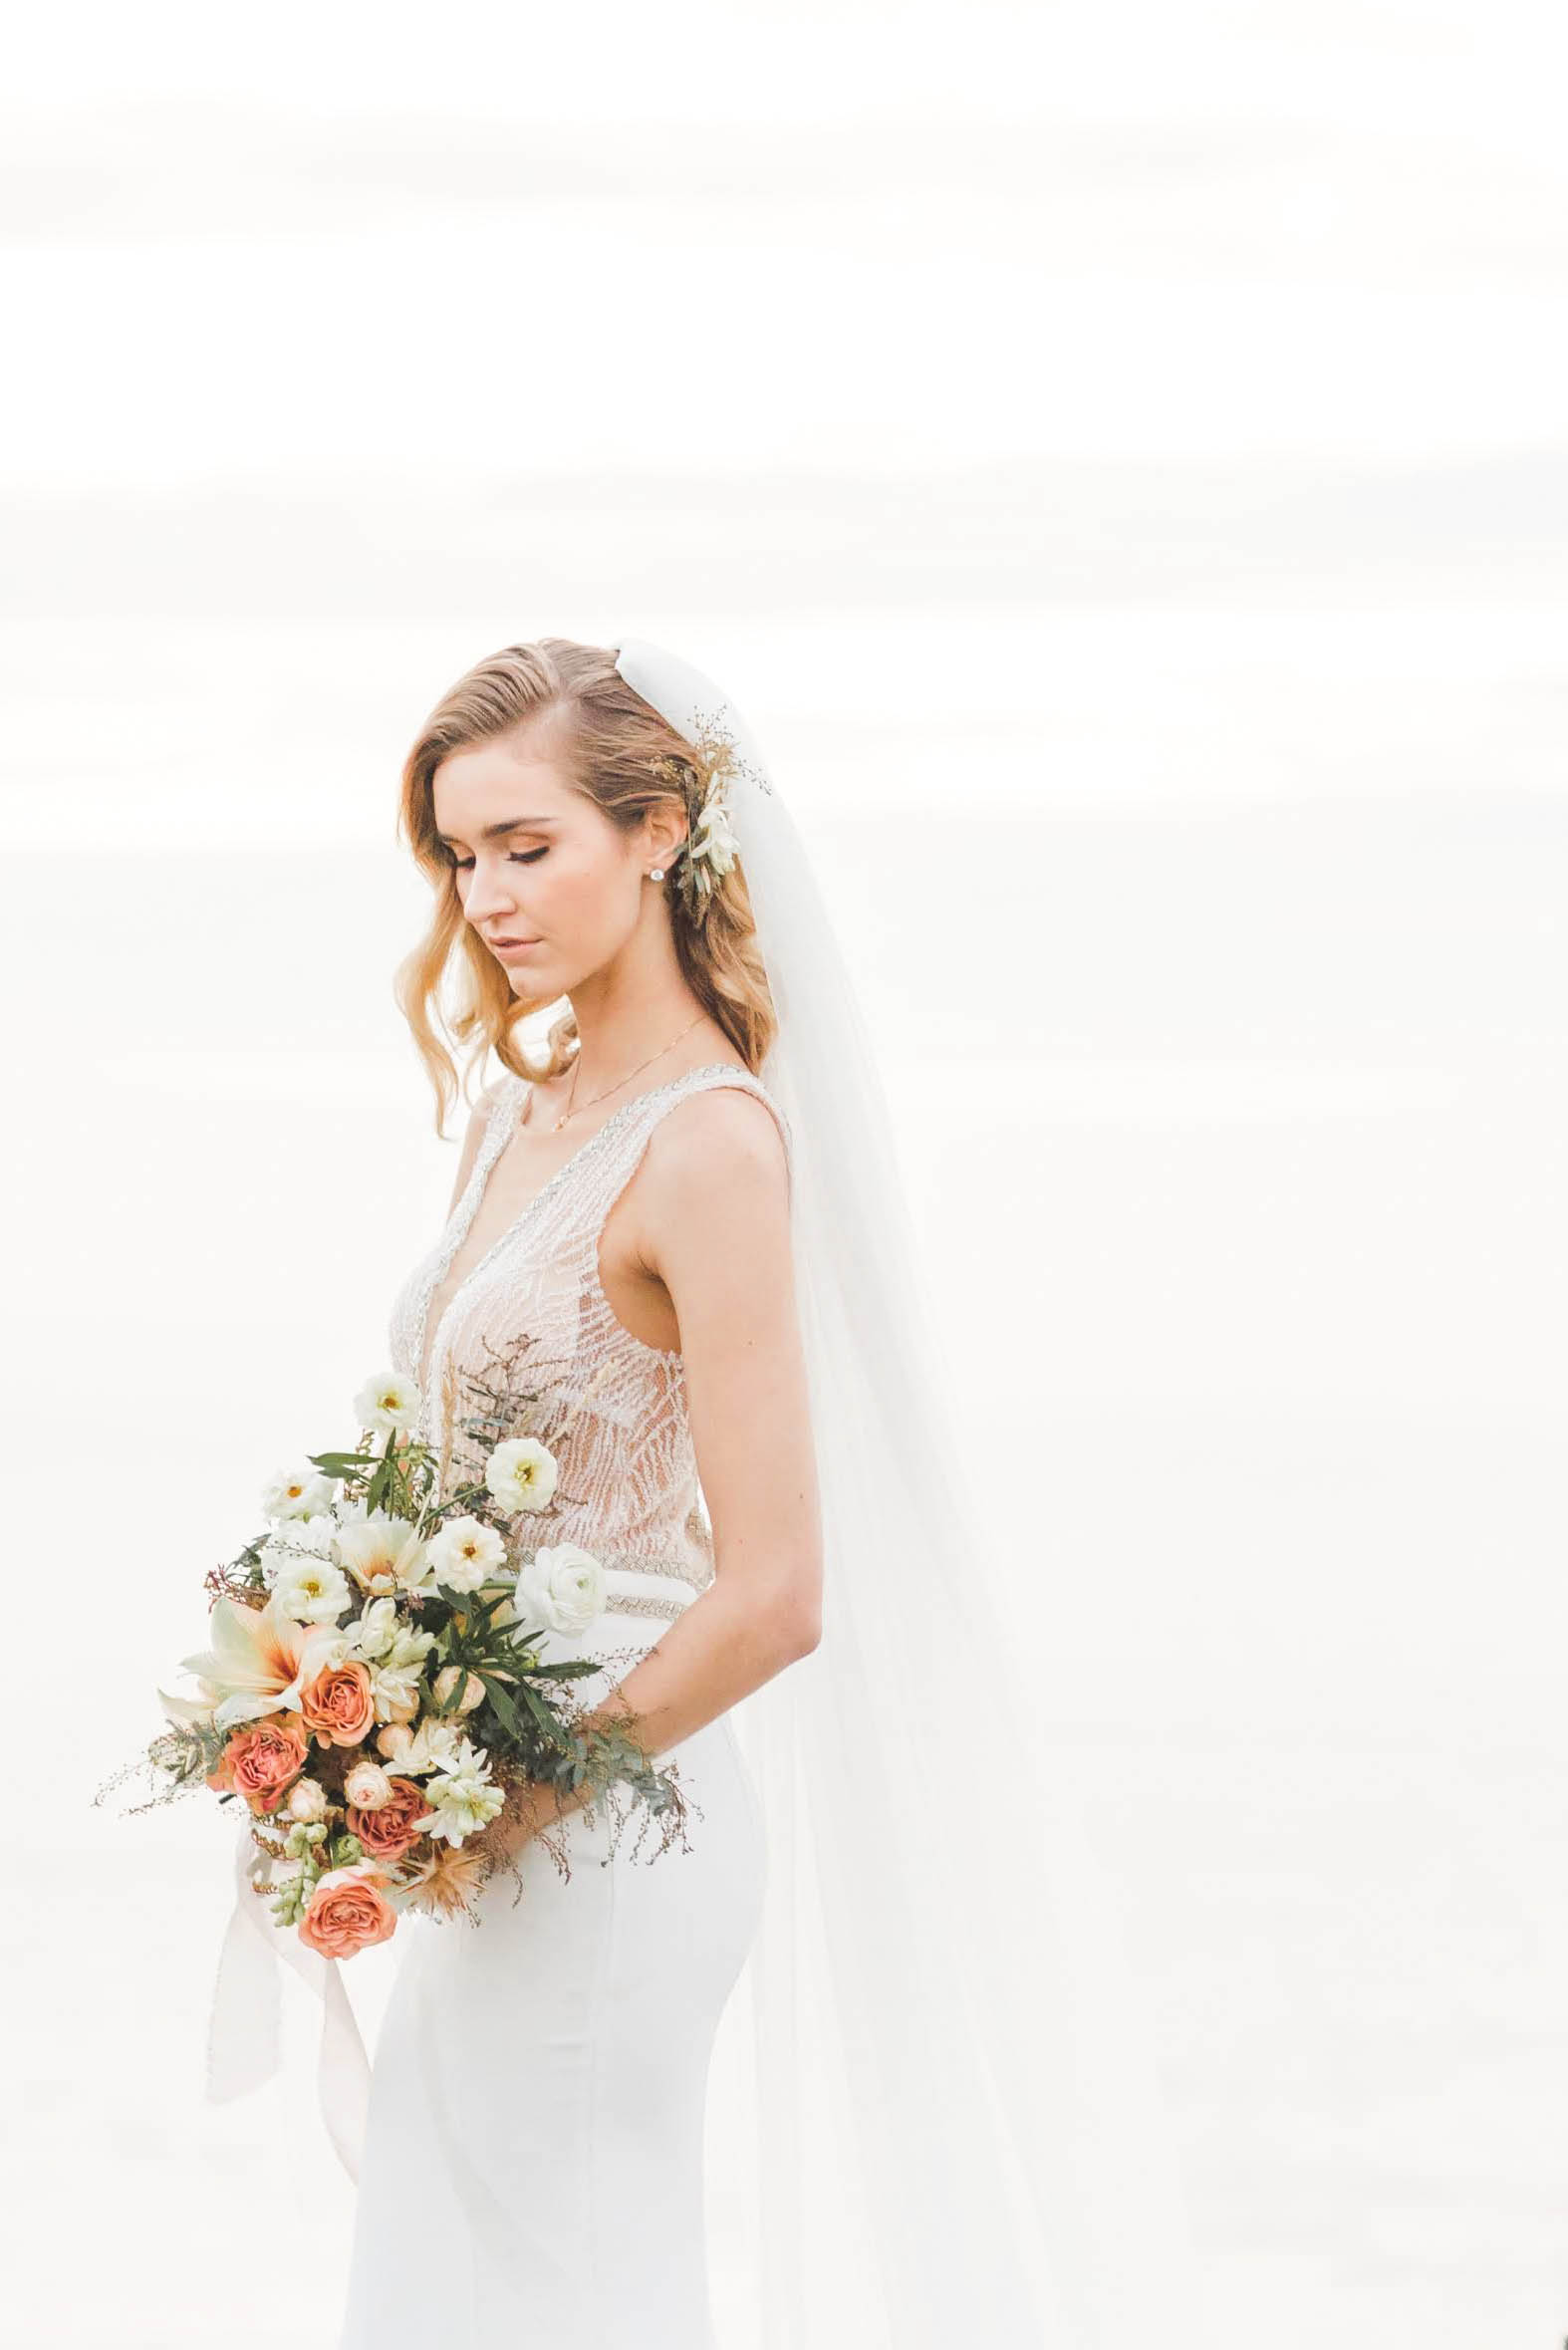 Dreamy Bridal Editorial